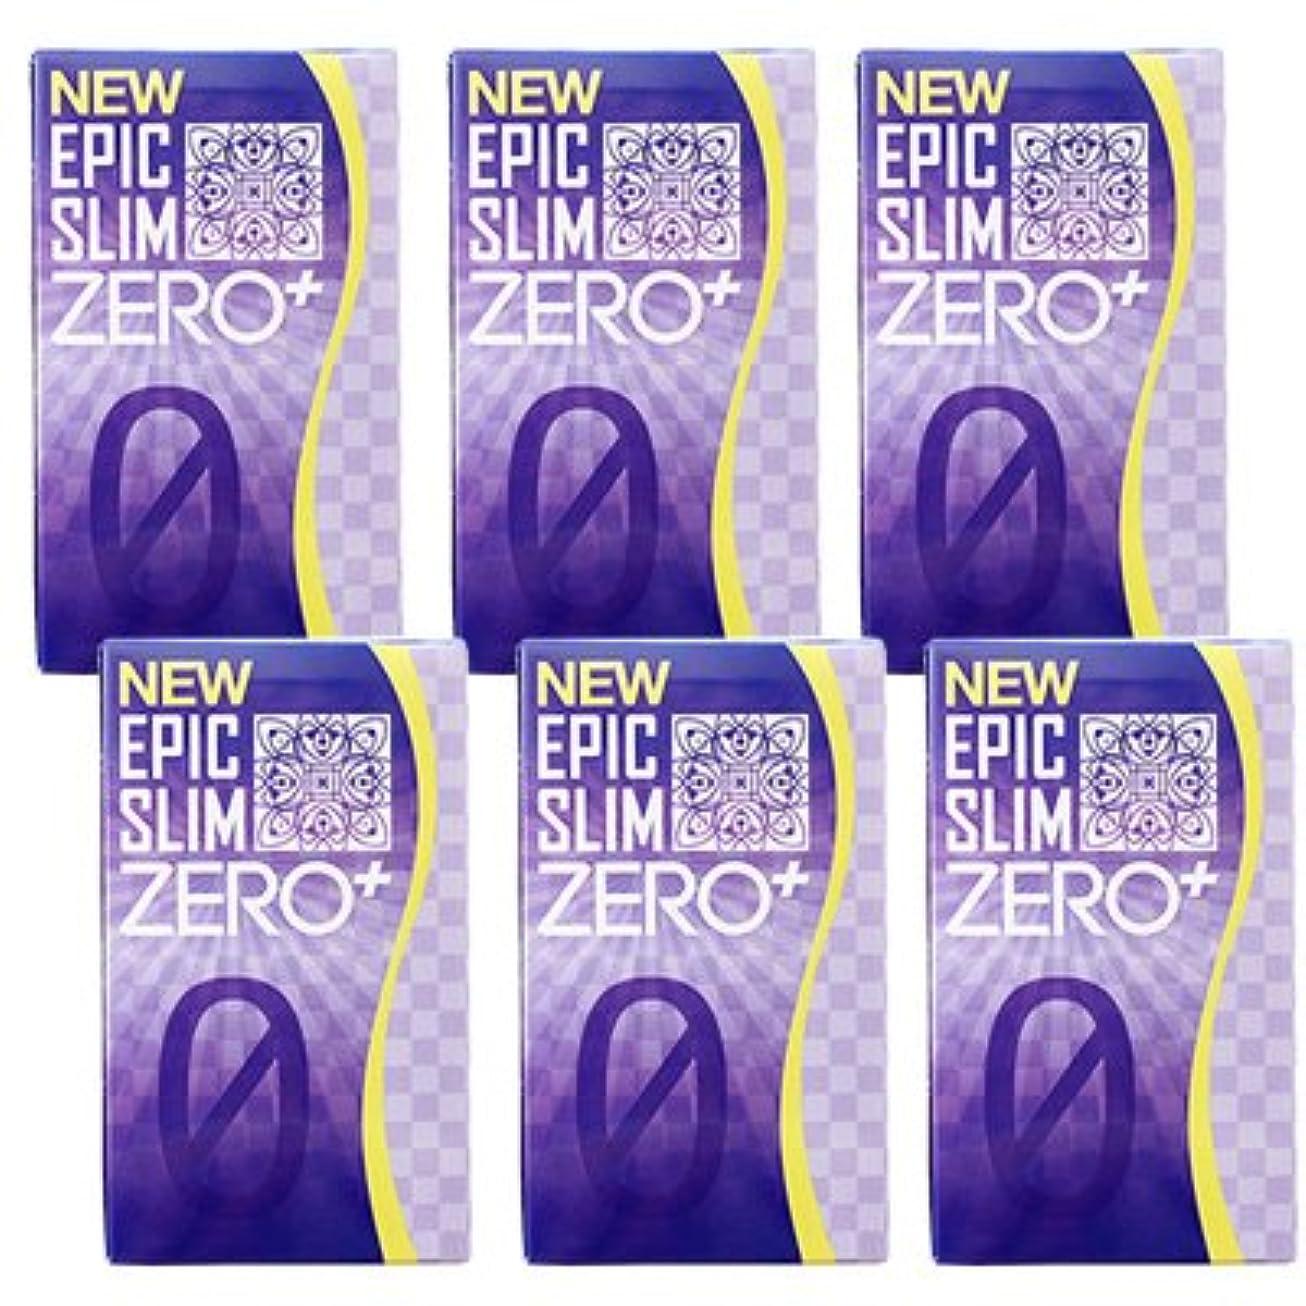 デュアルプロジェクタータービンNEW エピックスリム ゼロ+ 6個セット NEW Epic Slim ZERO PLUS